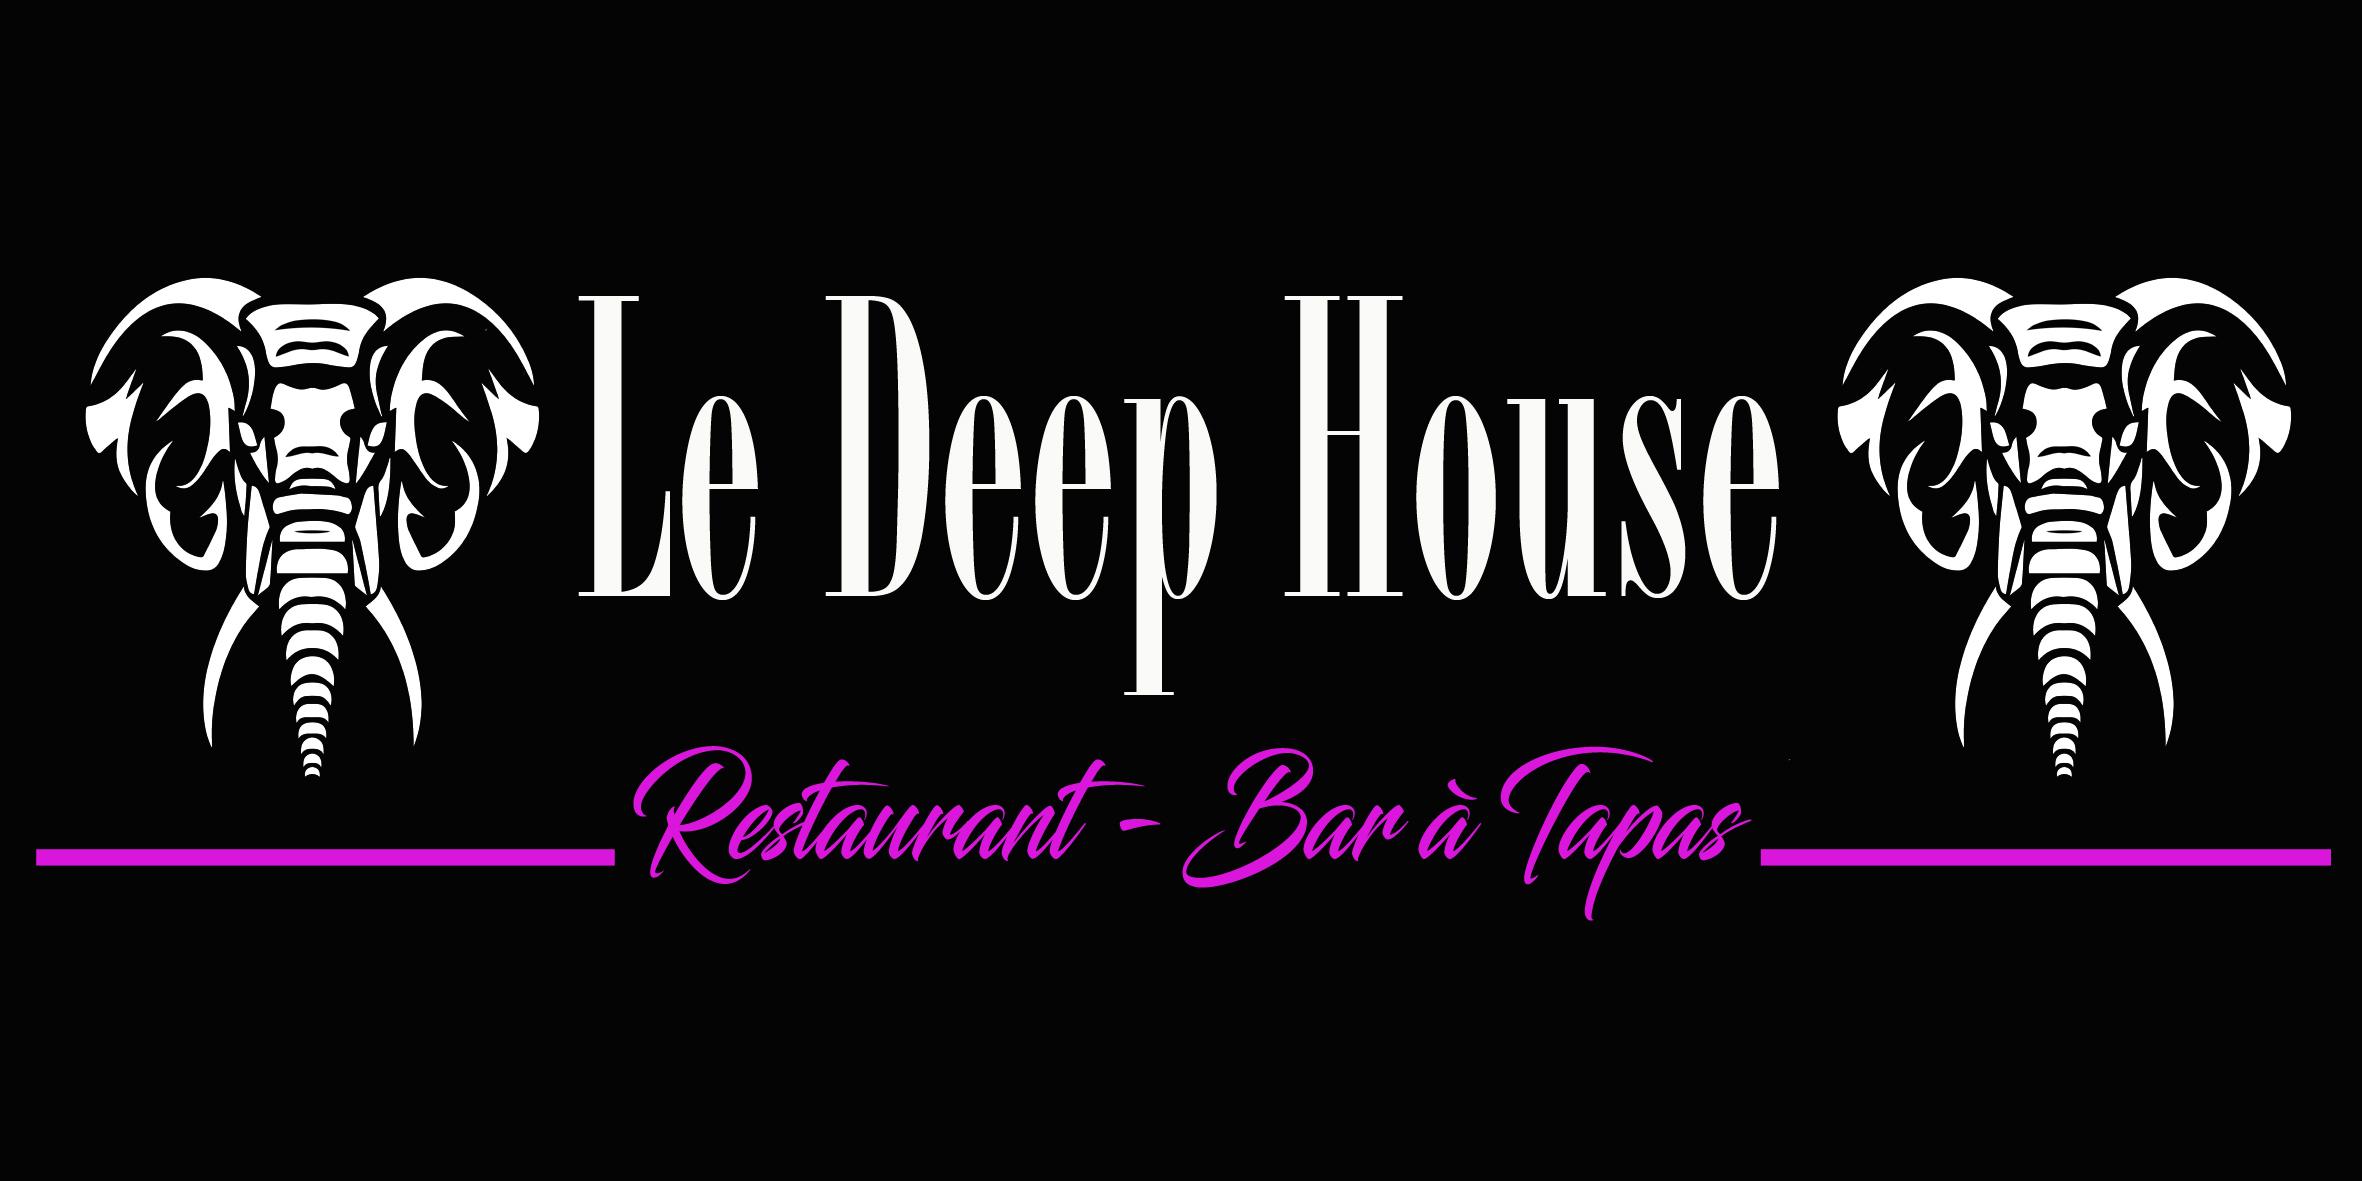 Le Deep House - Restaurant à thème Annecy - Bar à tapas